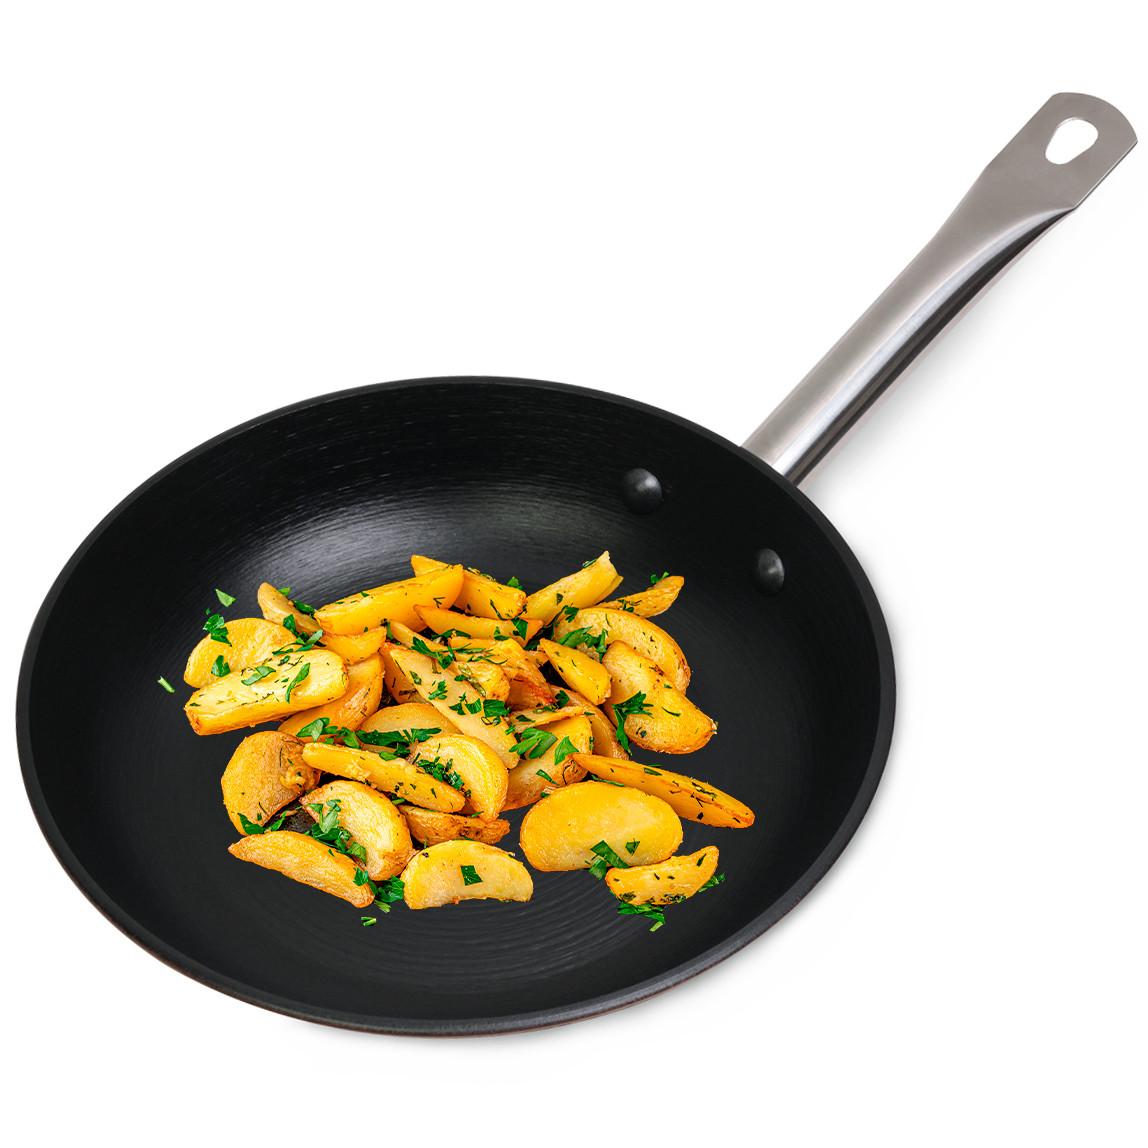 Сковорода чавунна 24см без кришки для індукції і газу KM-4803